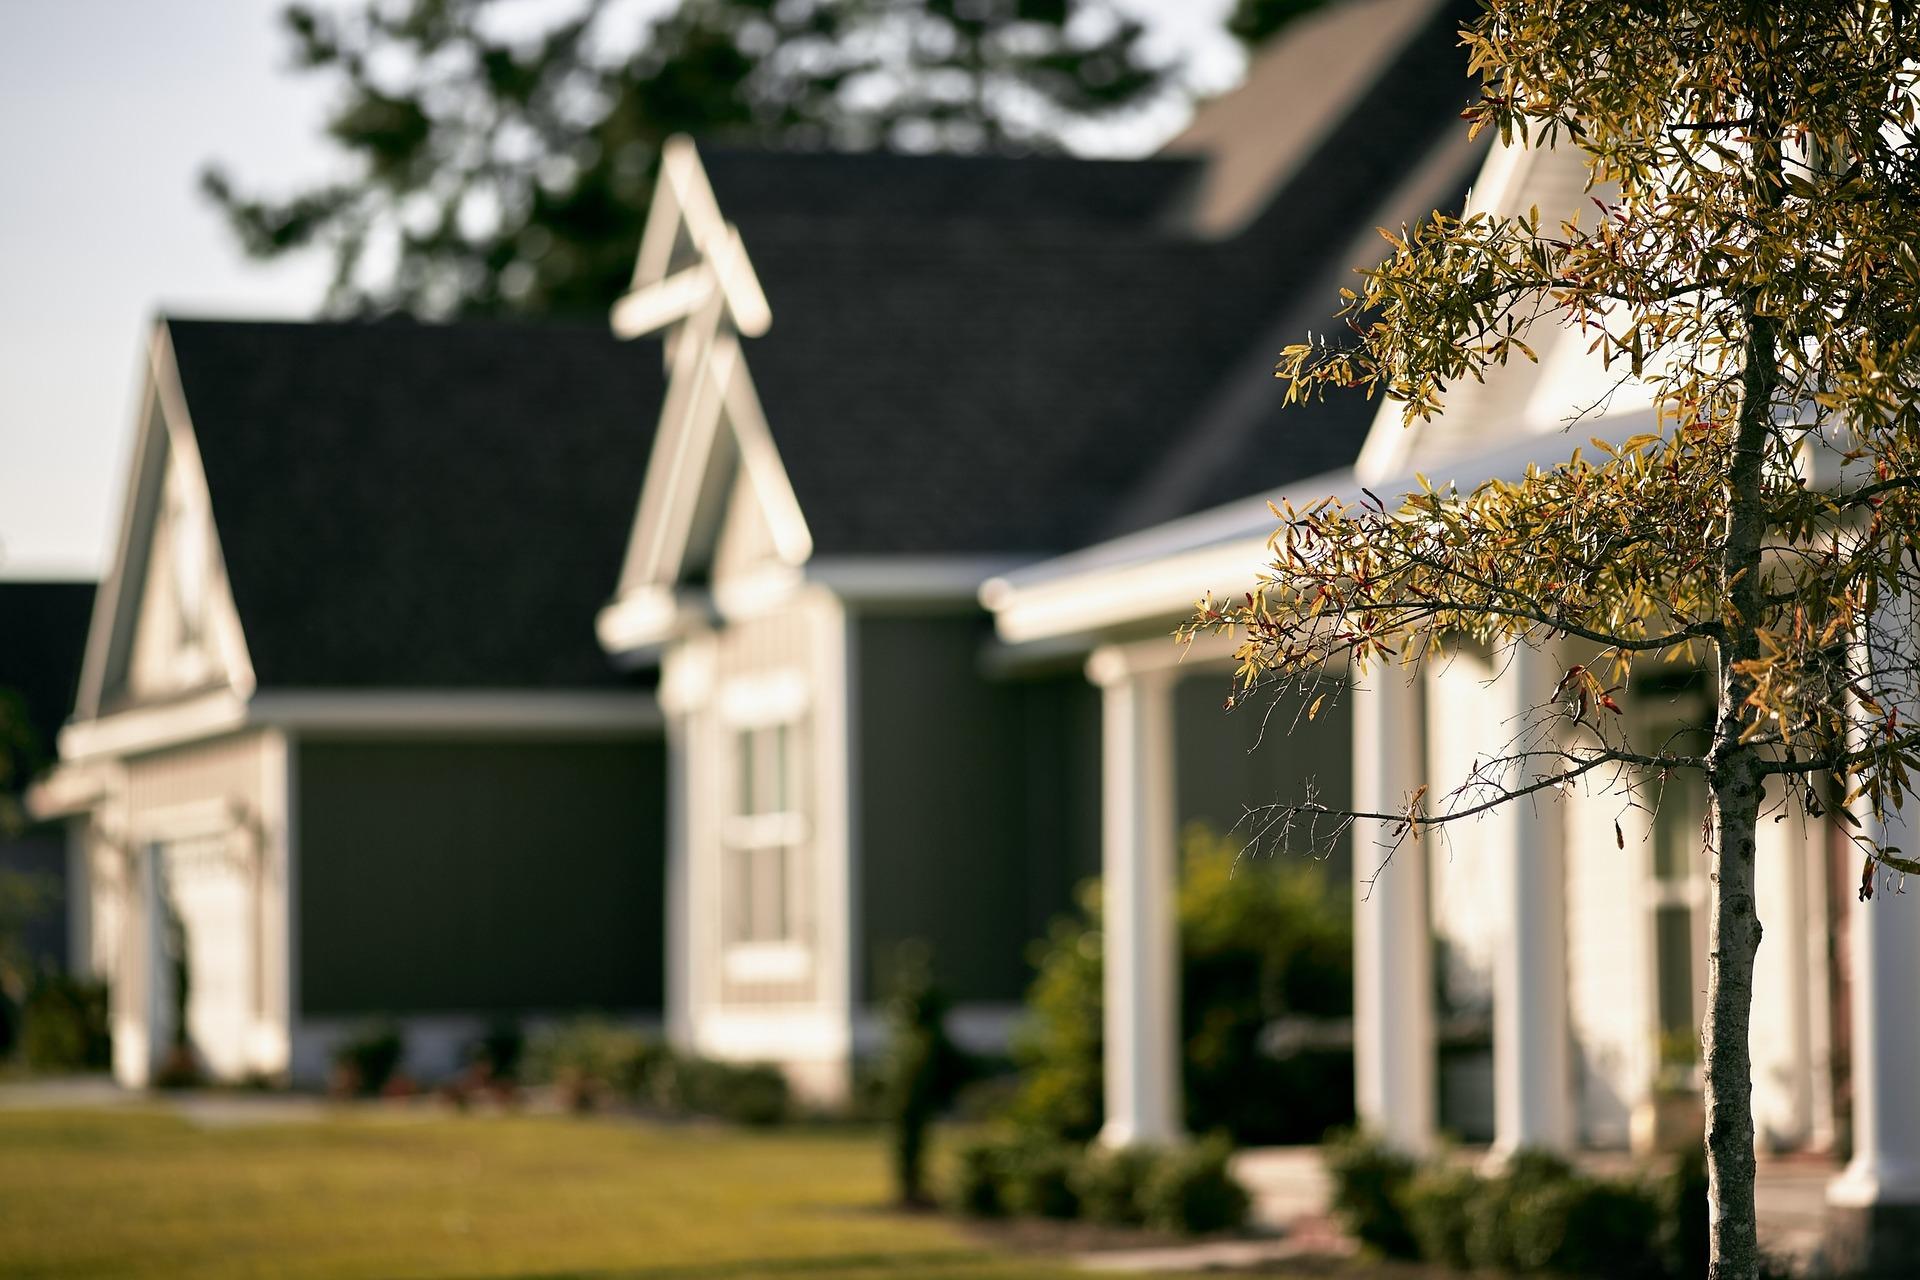 houses-691586_1920.jpg